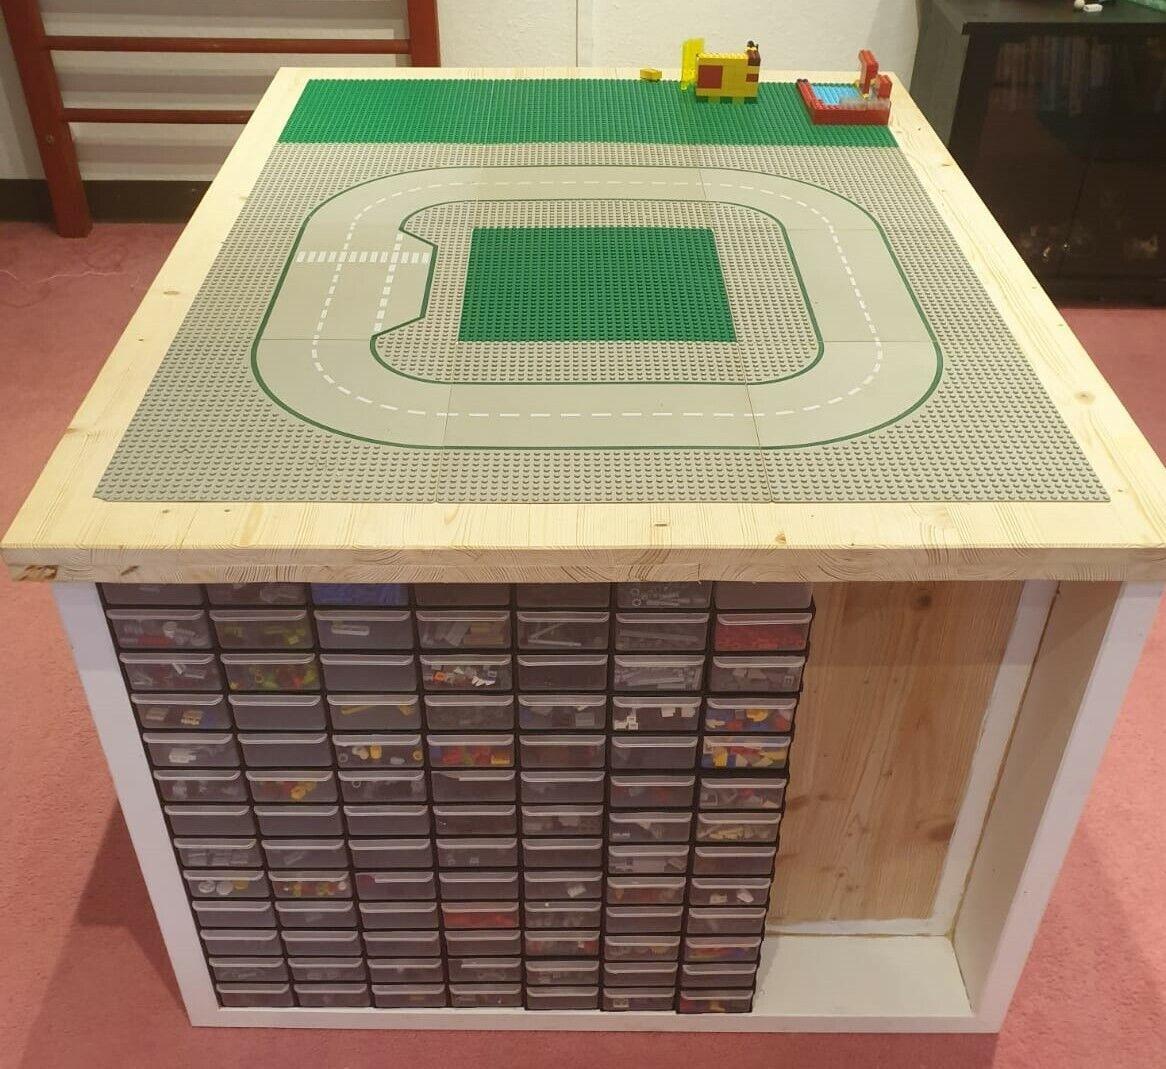 Lego Tisch aus Massivholz, Spieltisch, maßangefertigt